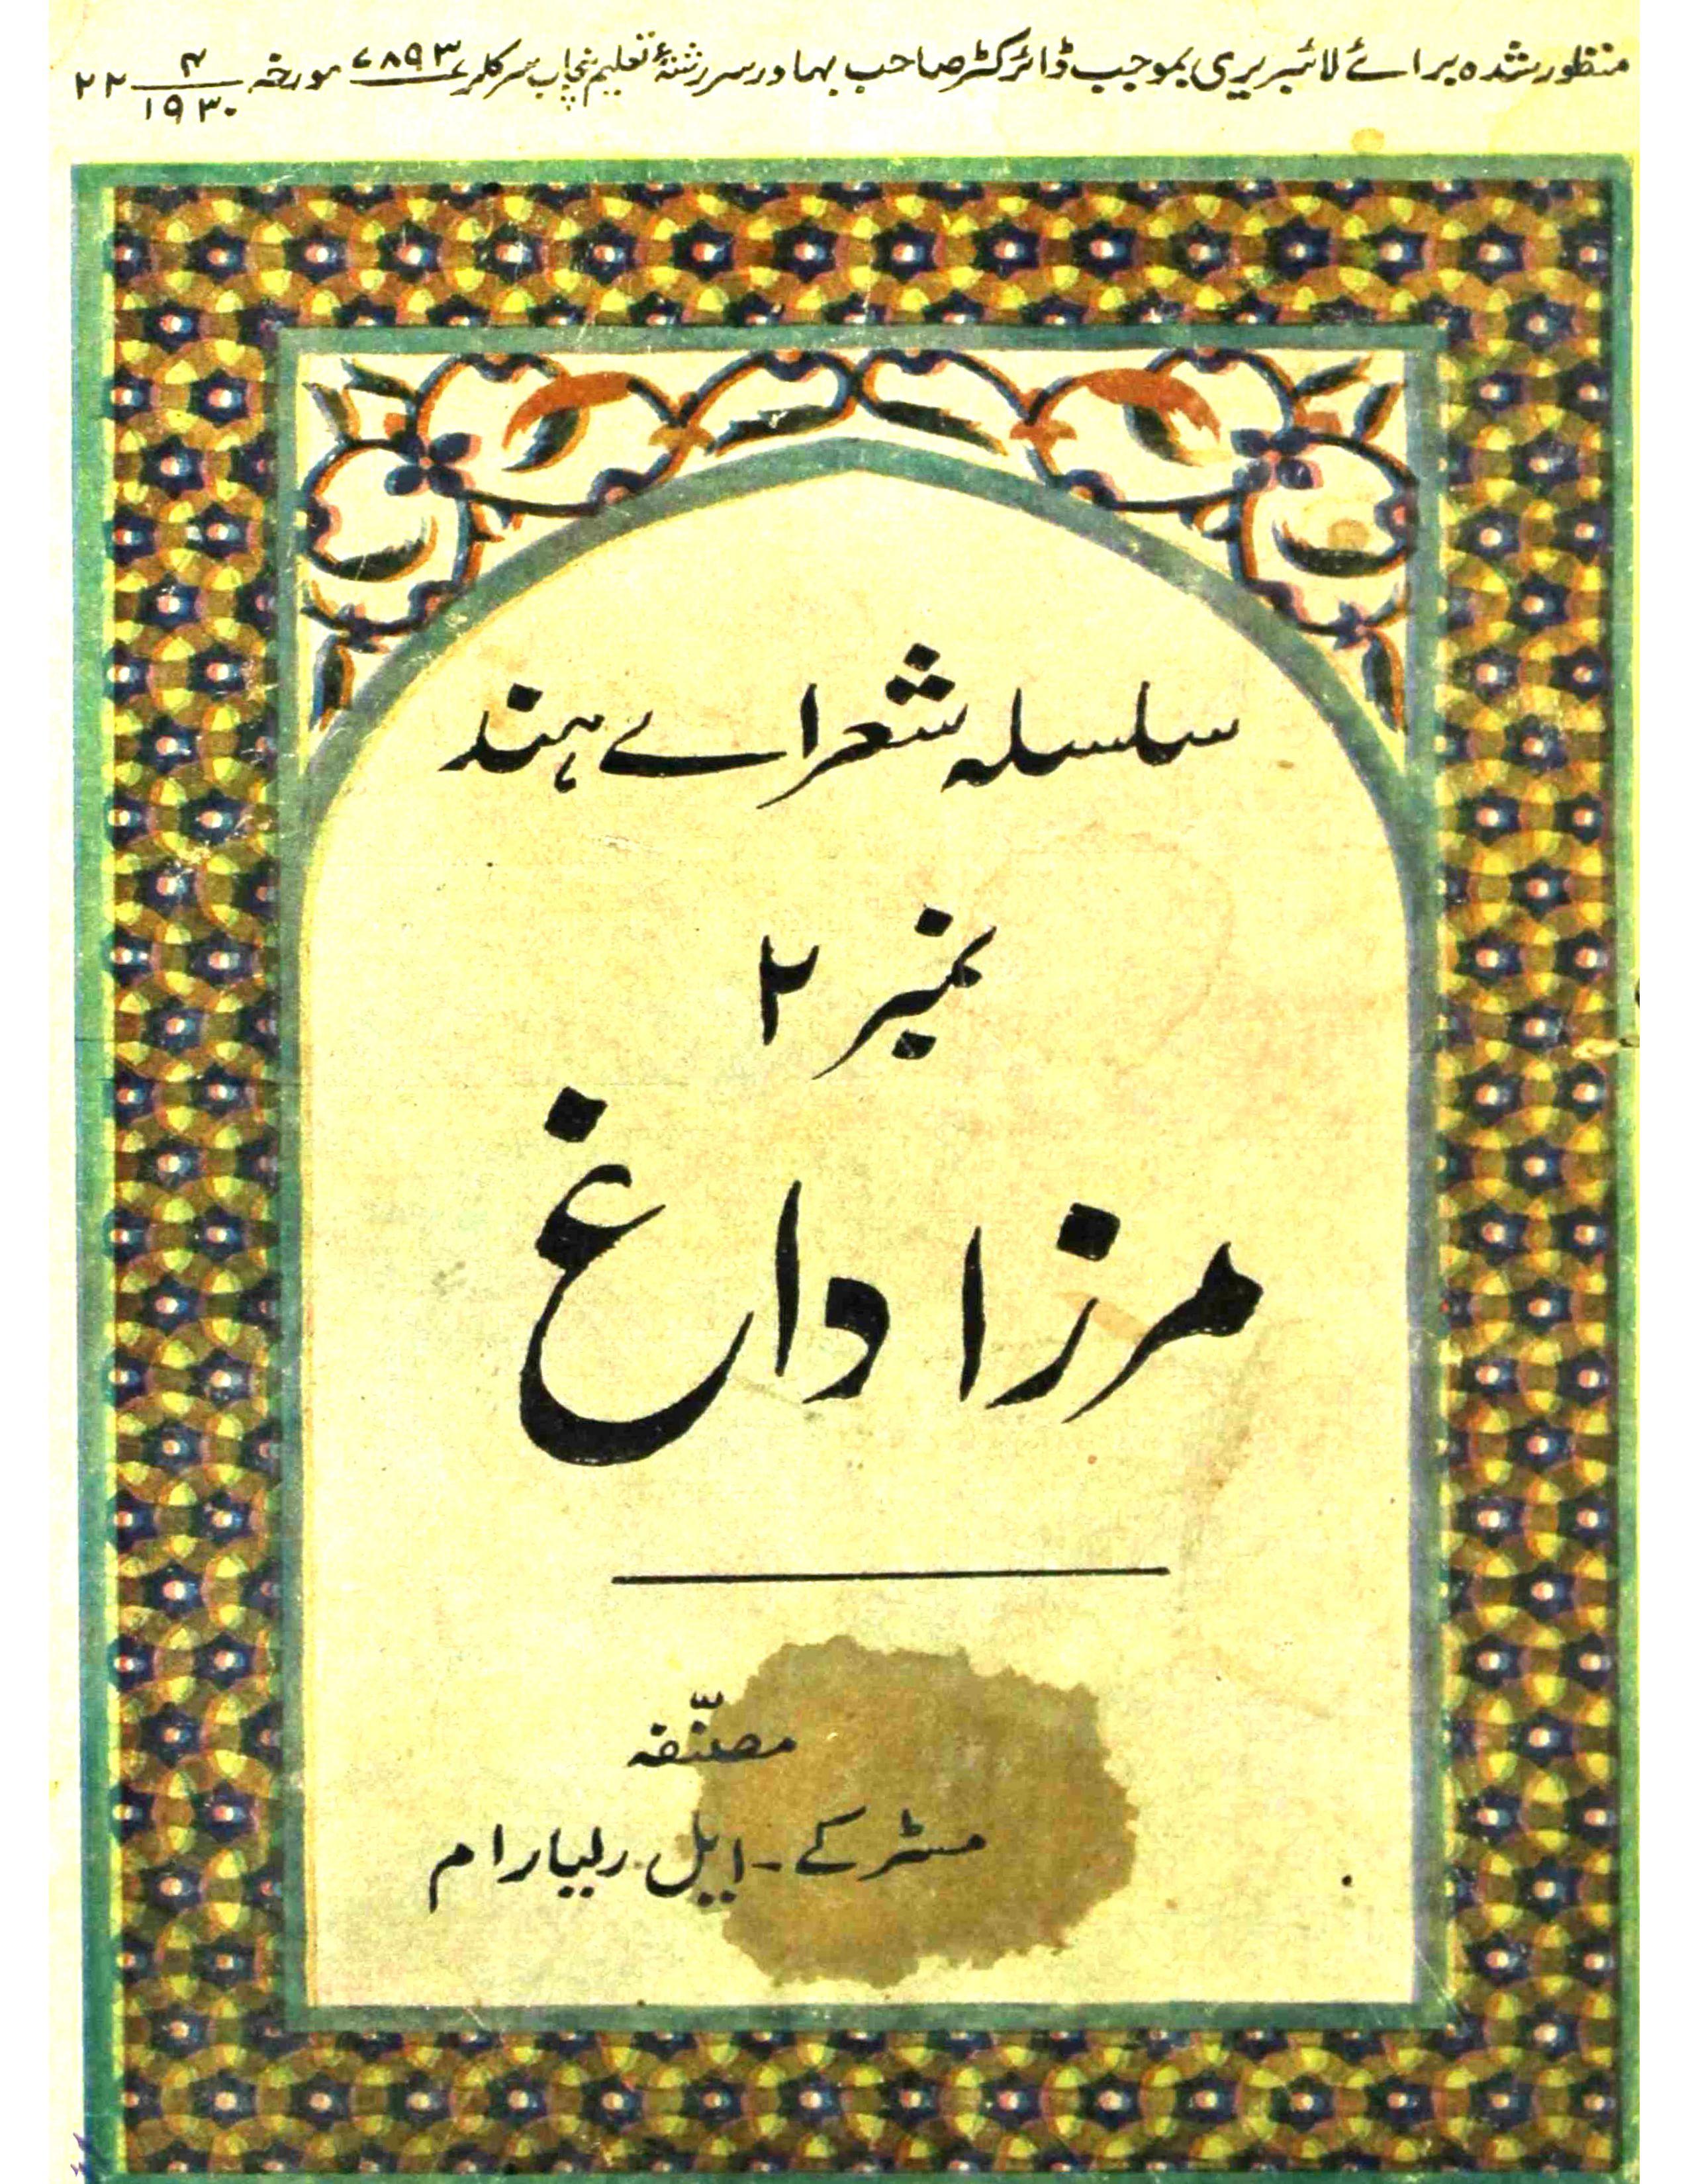 Mirza Dagh